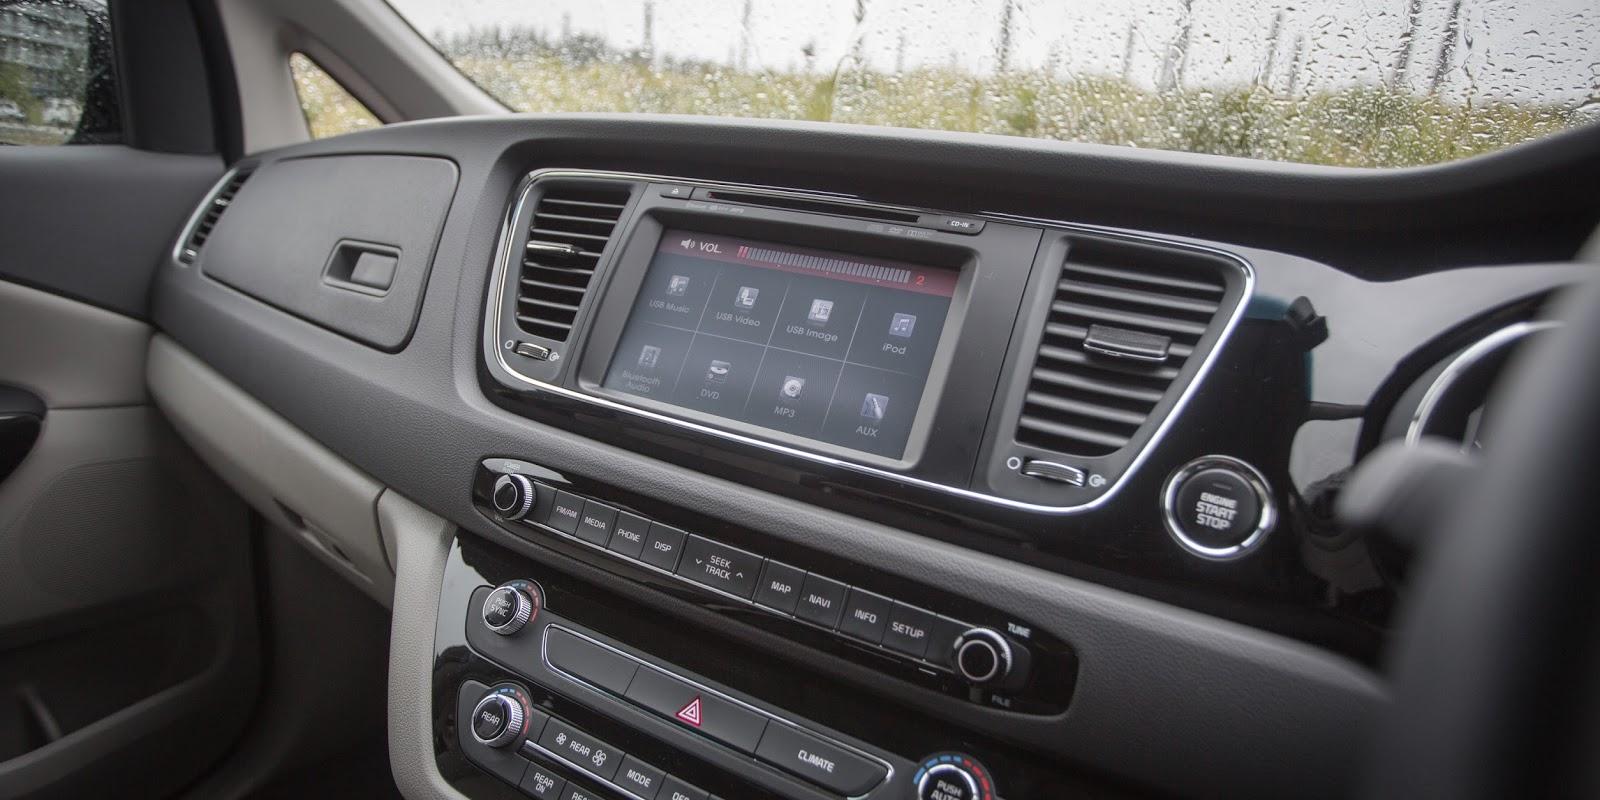 Các tính năng thông minh, định vị đều được trang bị trên xe